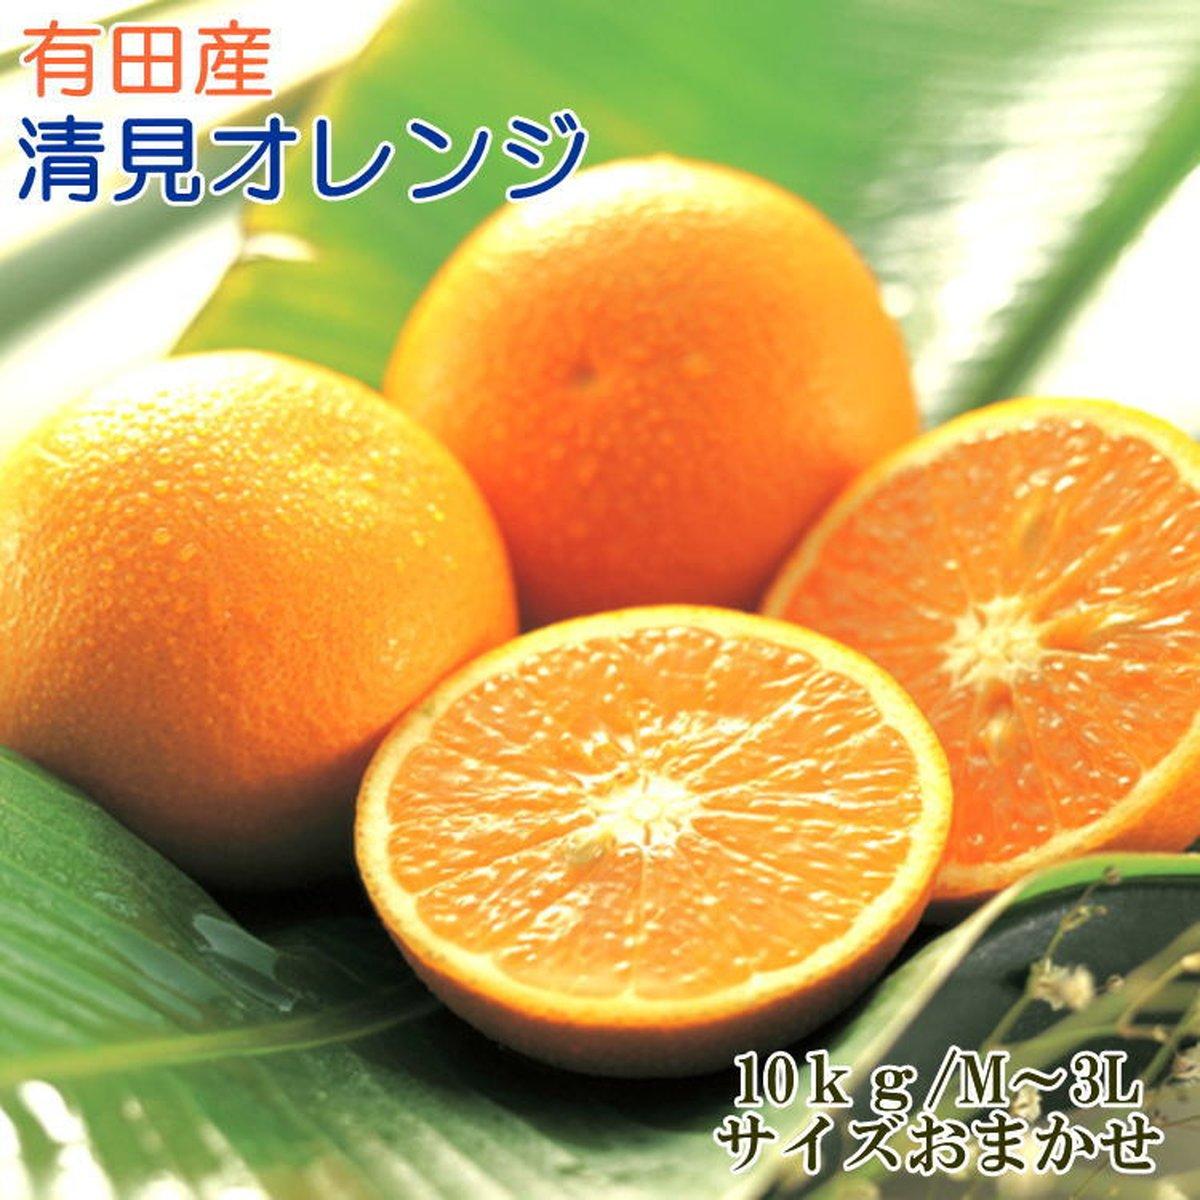 【ふるさと納税】[厳選]有田産清見オレンジ約10kg(サイズおまかせ・秀品)※2021年2月中旬~4月中旬頃に順次発送予定